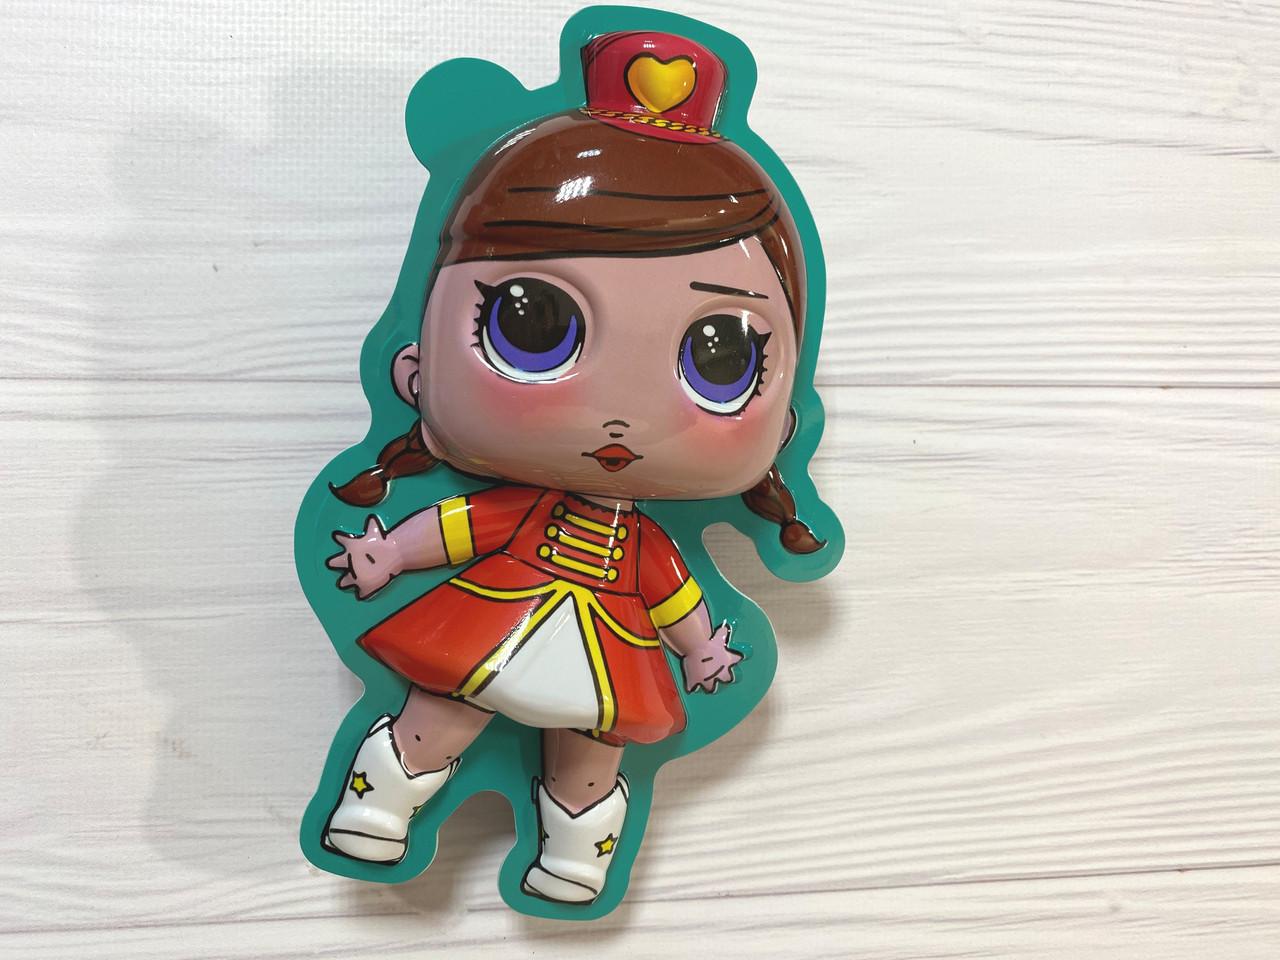 Лол сурприз (Lol surprise)  в форме куклы